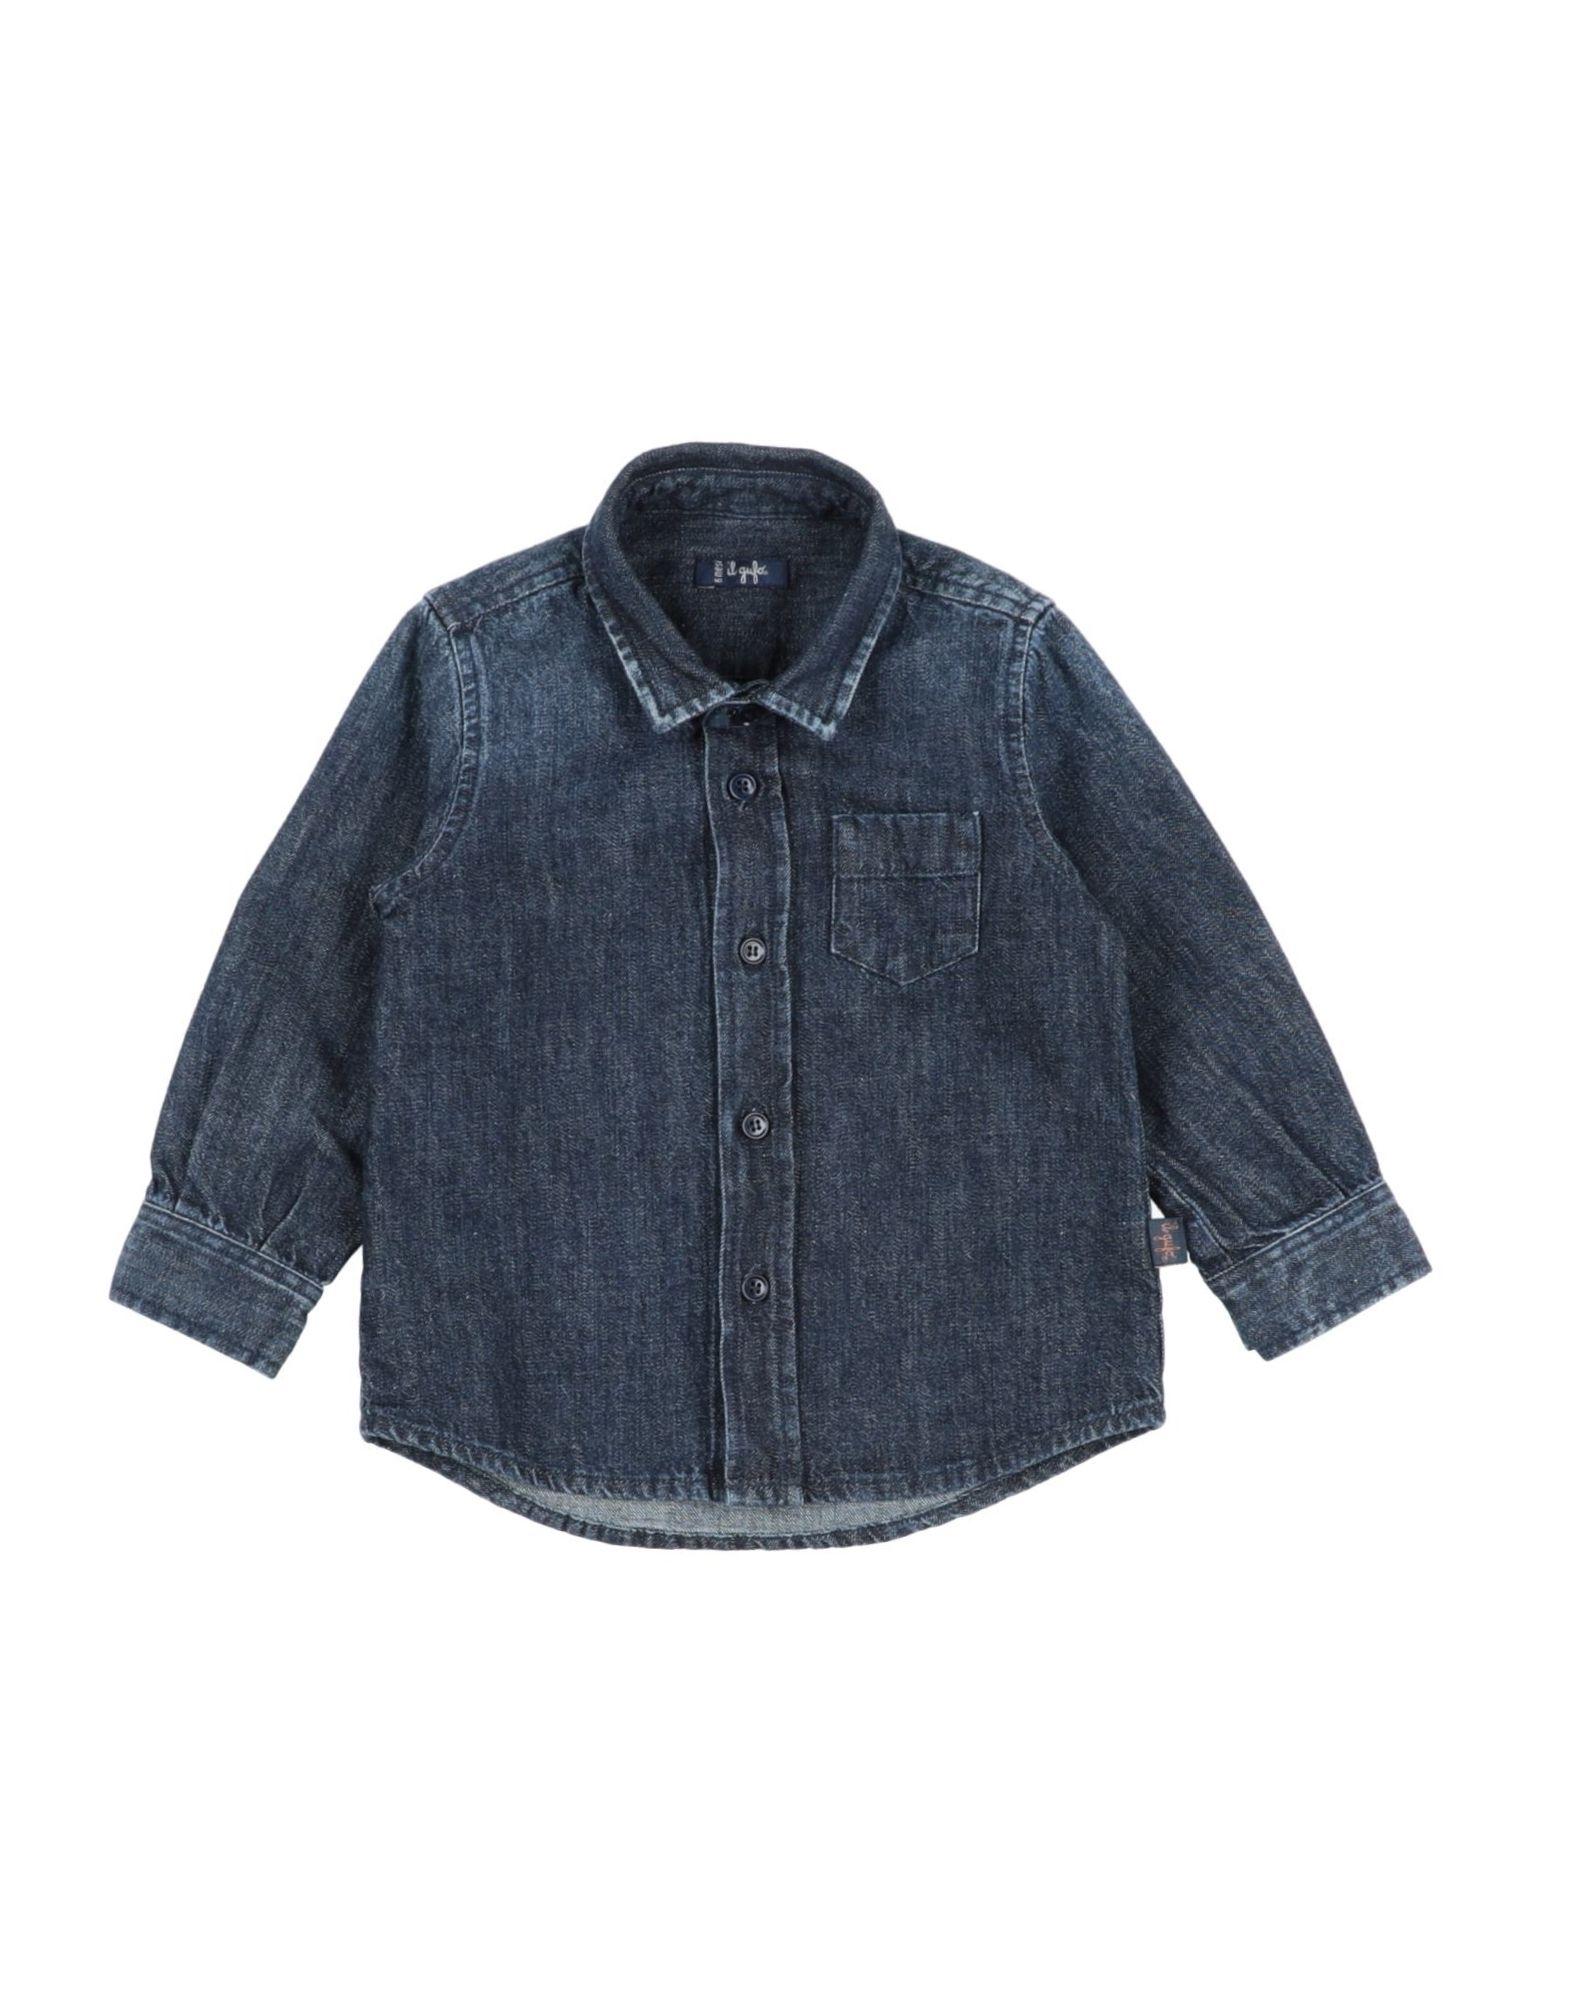 522f4cbd510 Τζιν Πουκάμισα 0-24 μηνών Αγόρι - Παιδικά ρούχα στο YOOX